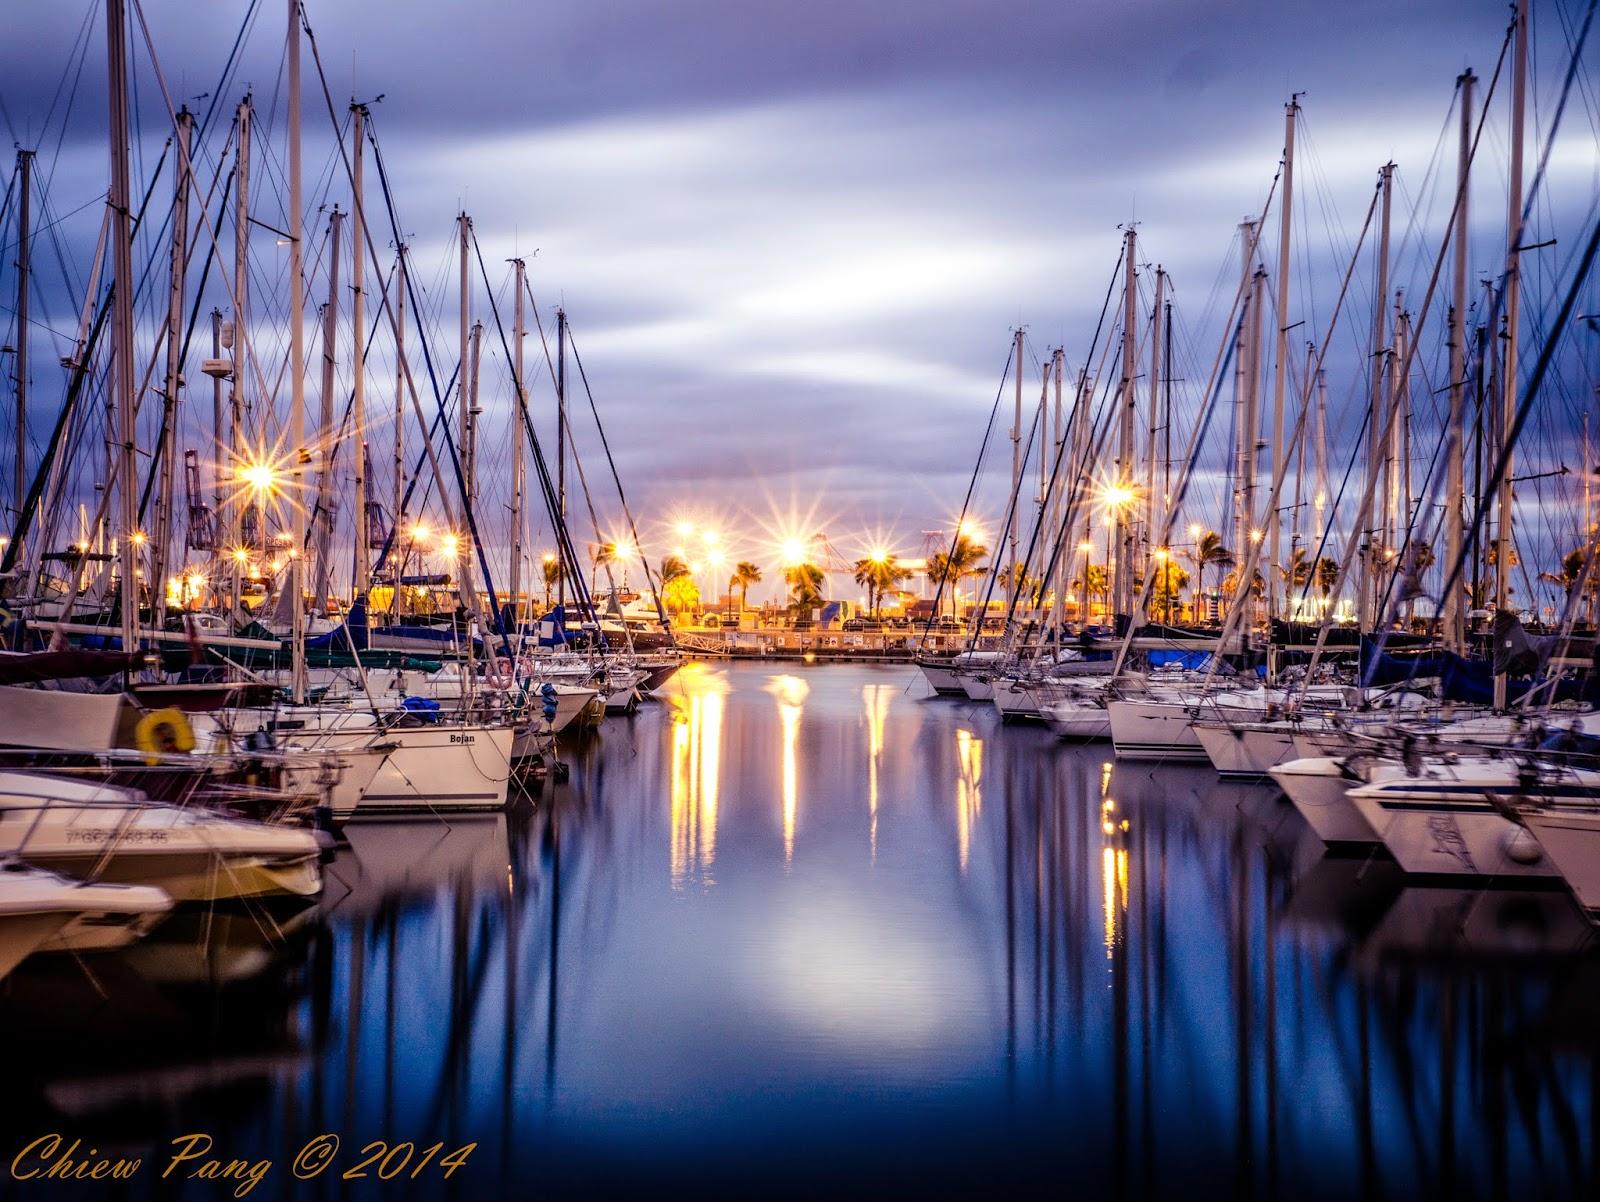 Sports Marina, Muelle Deportivo, Las Palmas de Gran Canaria